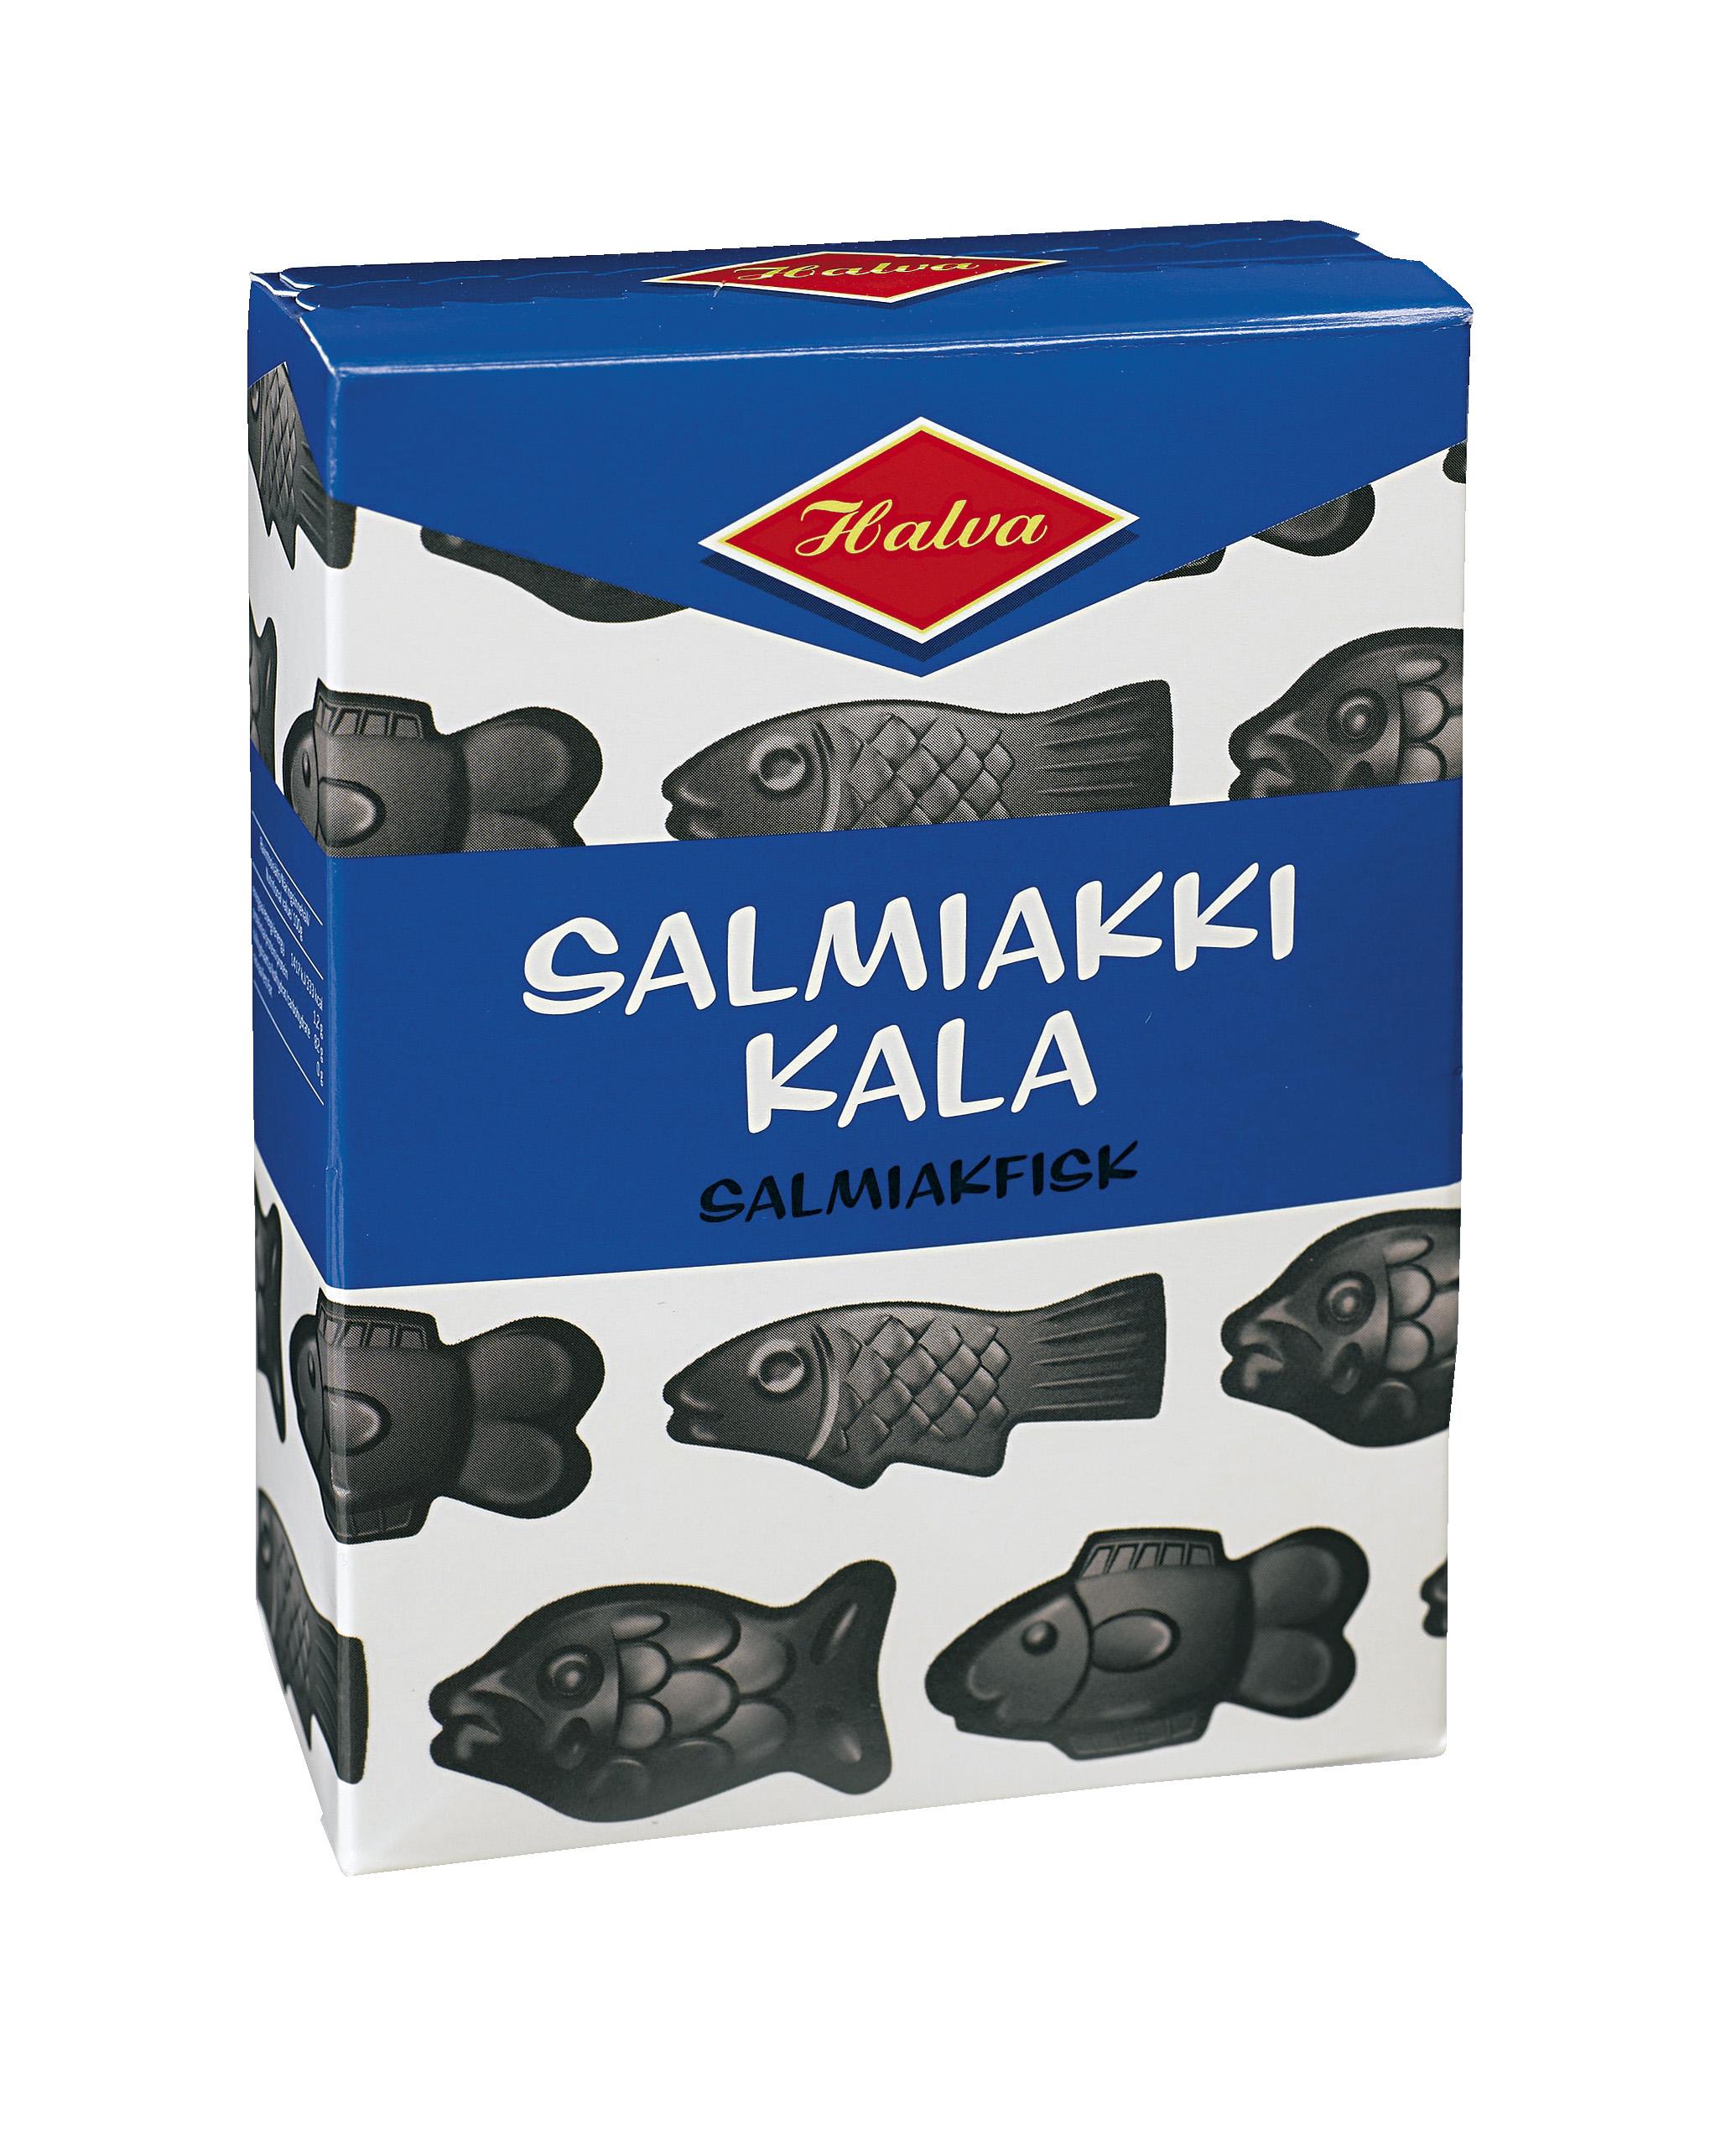 Halva Salmiakkikala 250g